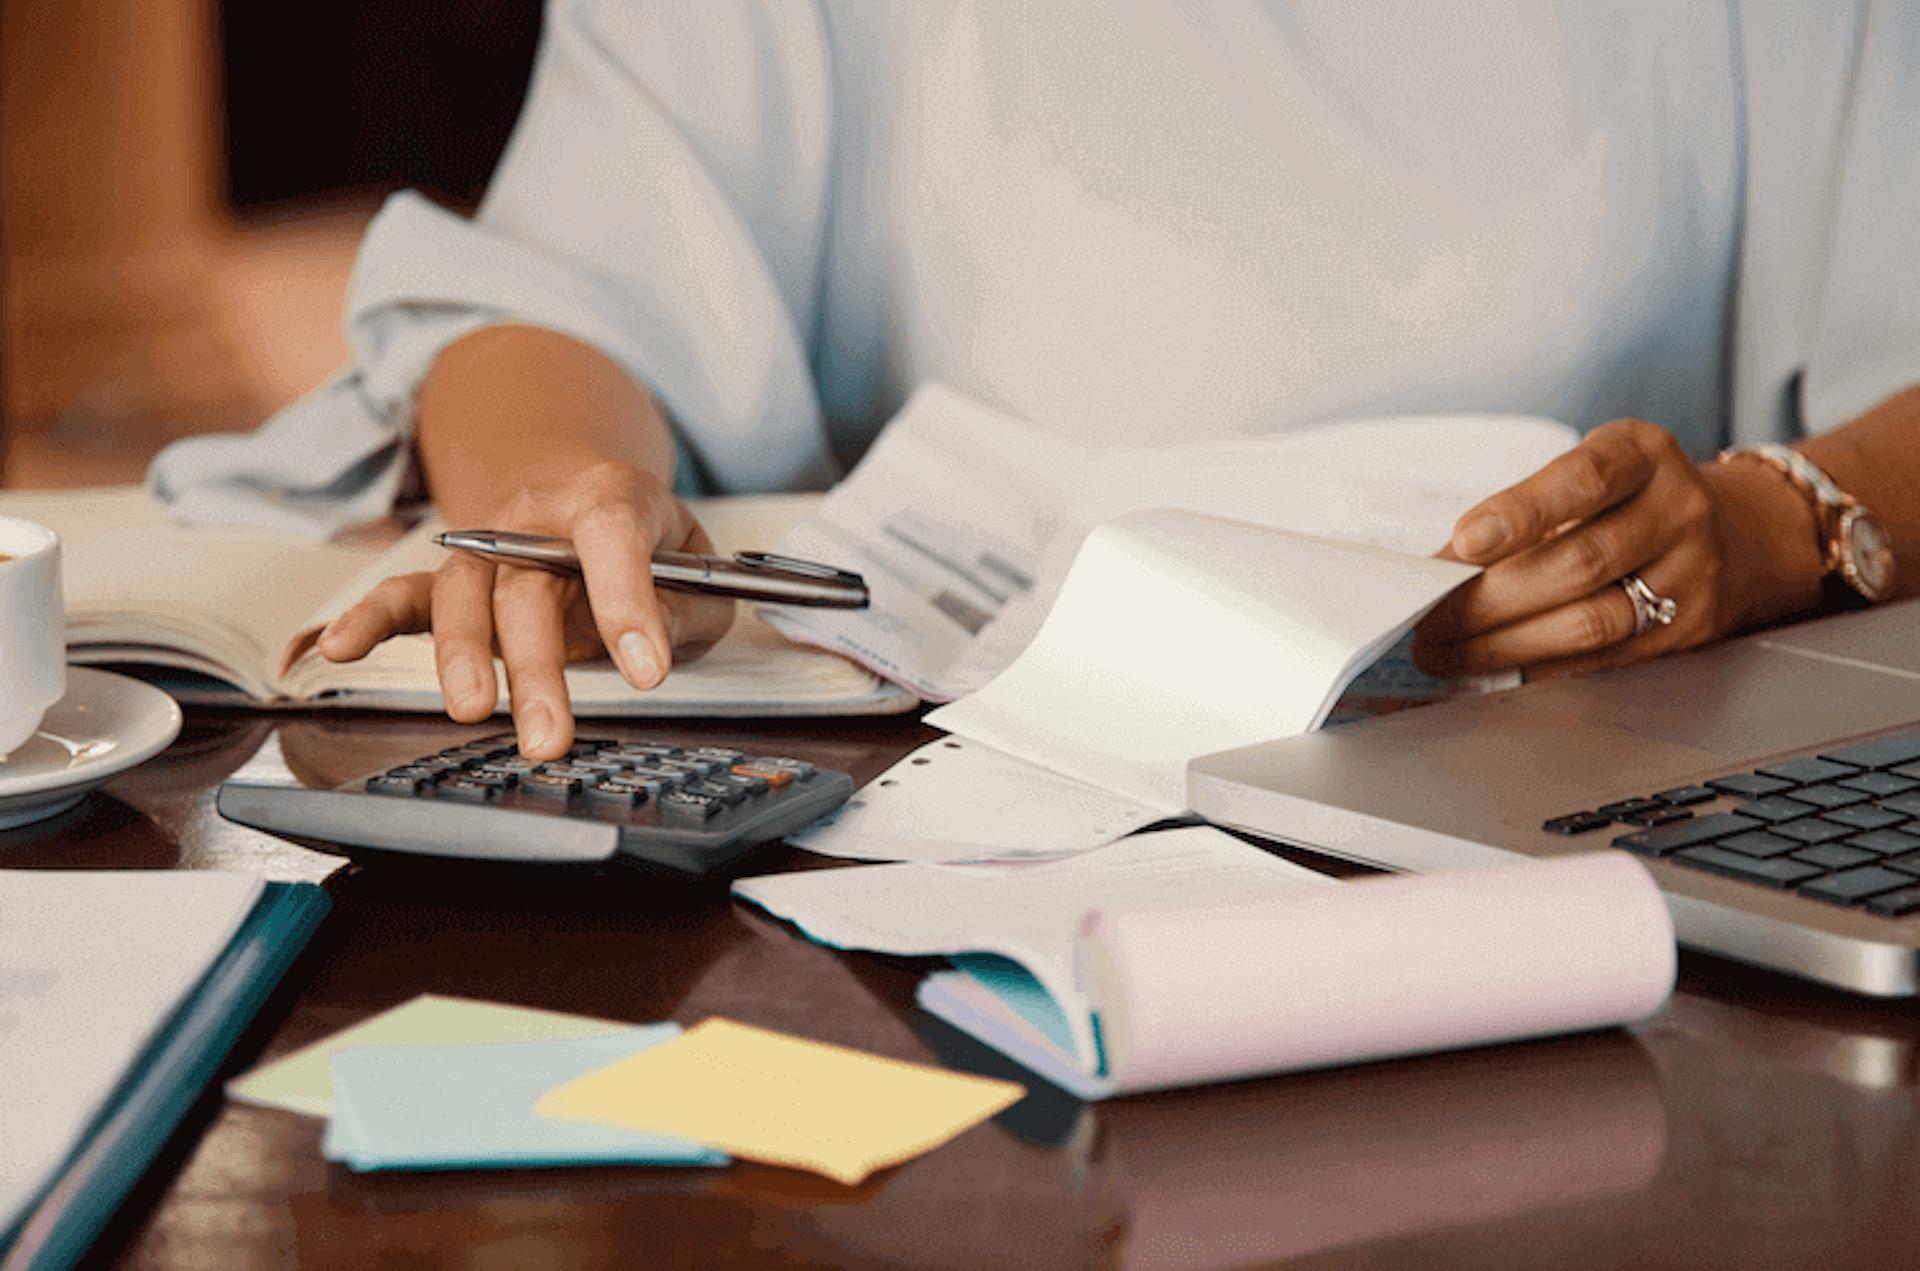 Tipos de presupuestos ¿Cómo hacerlos? Controla y maneja tu dinero